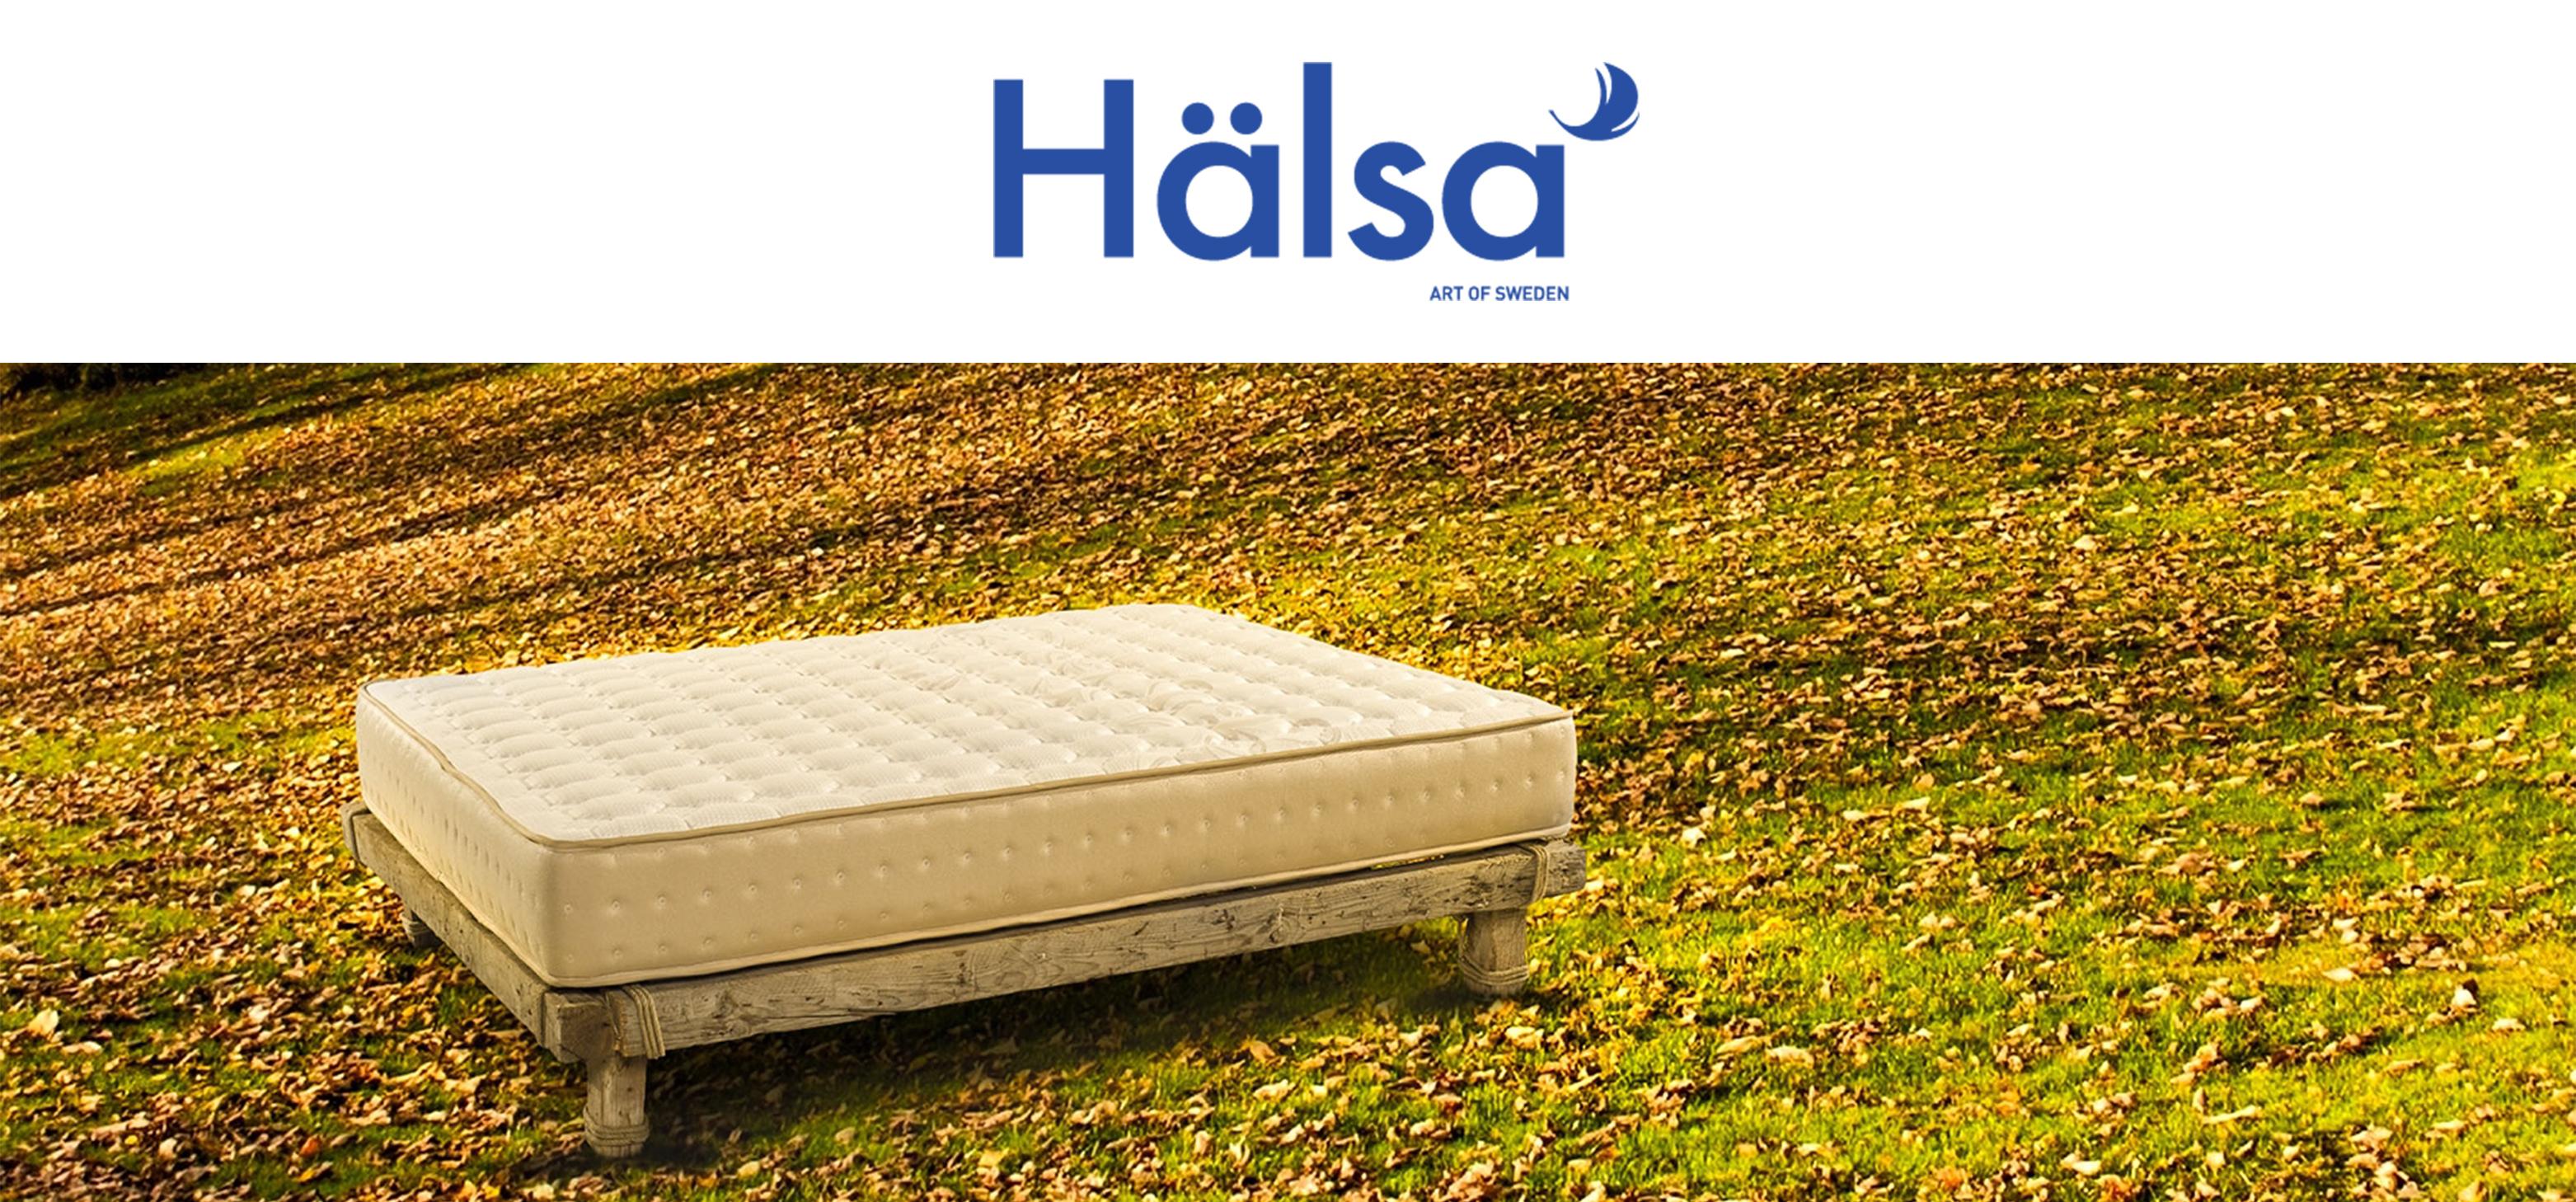 進口床墊,瑞典進口床墊,歐洲進口床墊